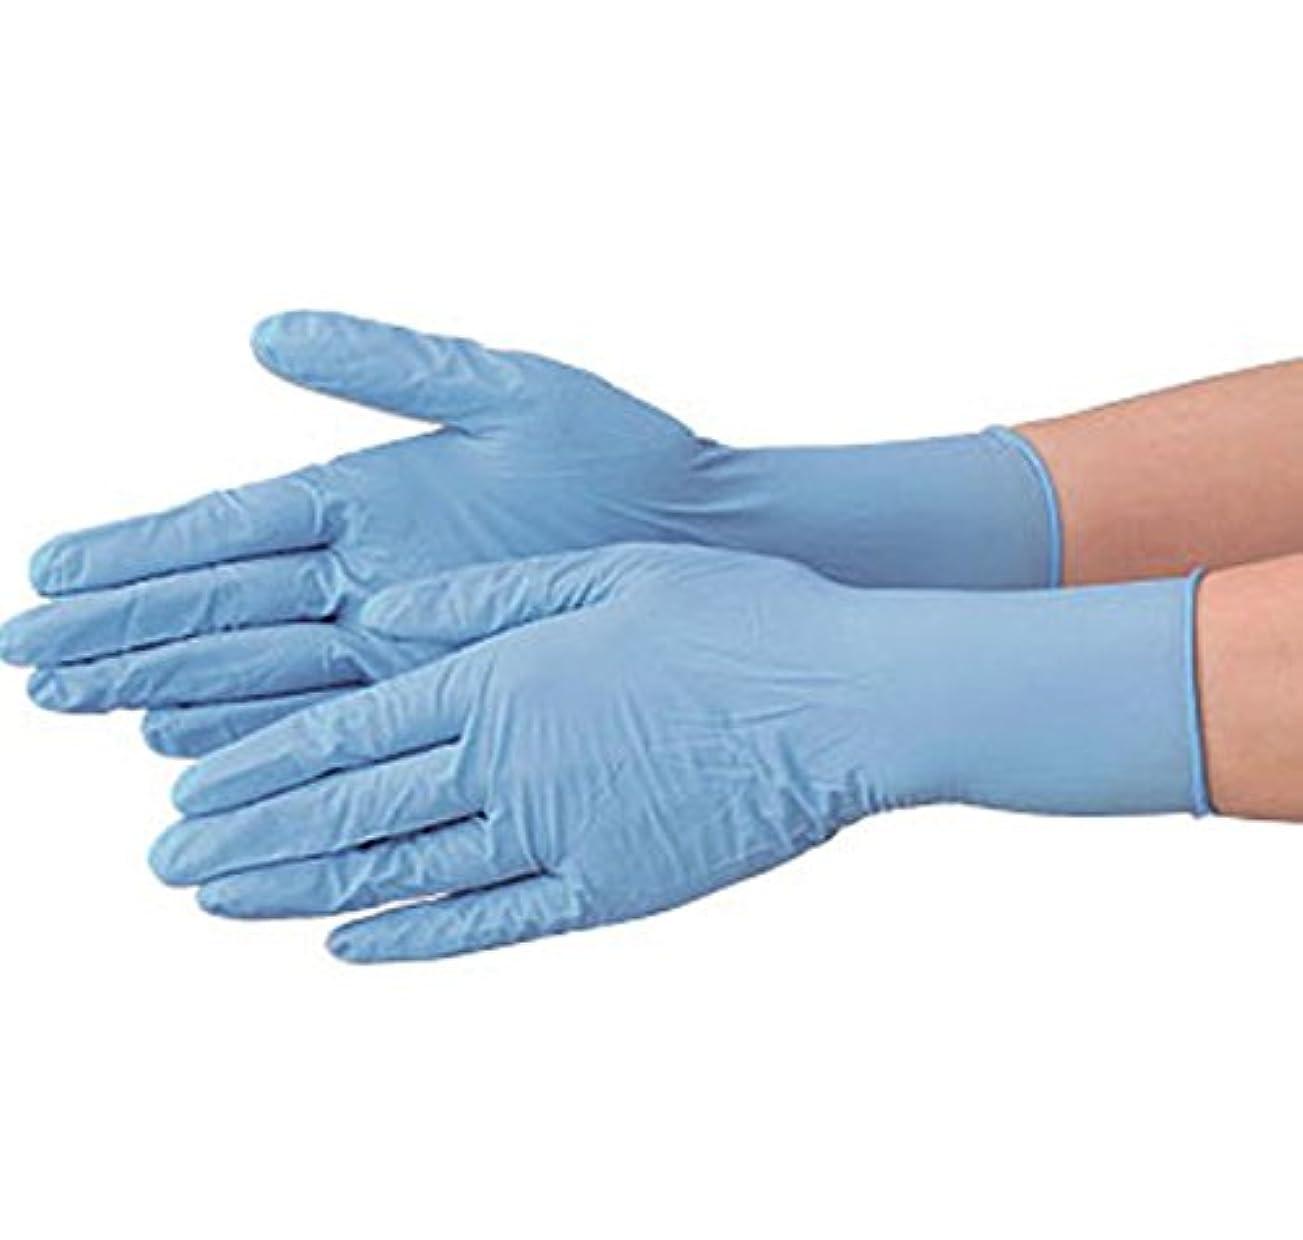 ぴったりタヒチお世話になった使い捨て 手袋 エブノ 532 ニトリルNEO ブルー Mサイズ パウダー付き 2ケース(100枚×60箱)